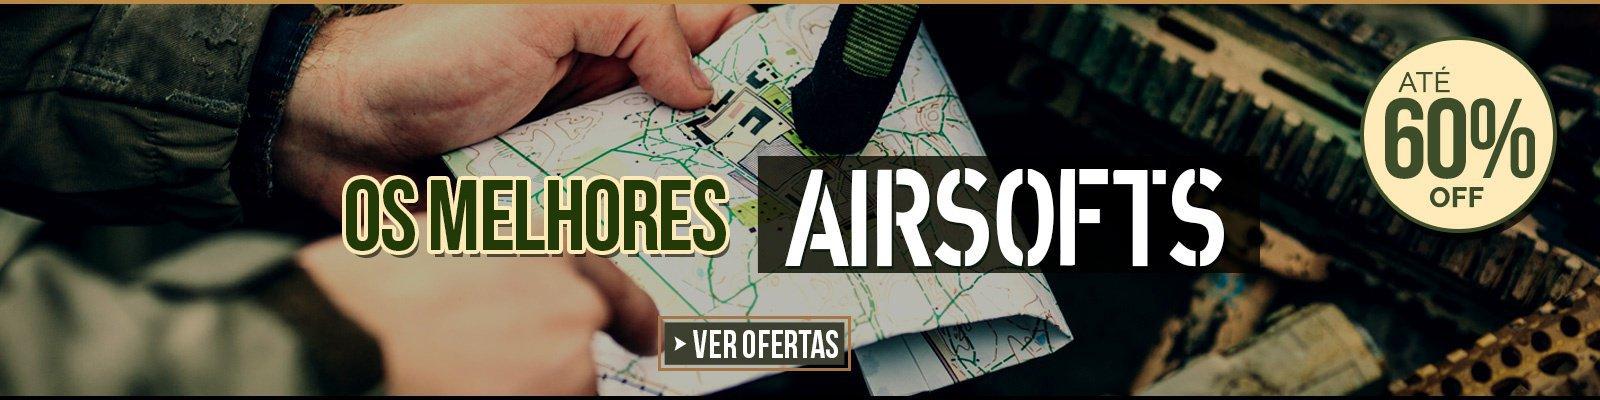 Os melhores Airsofts